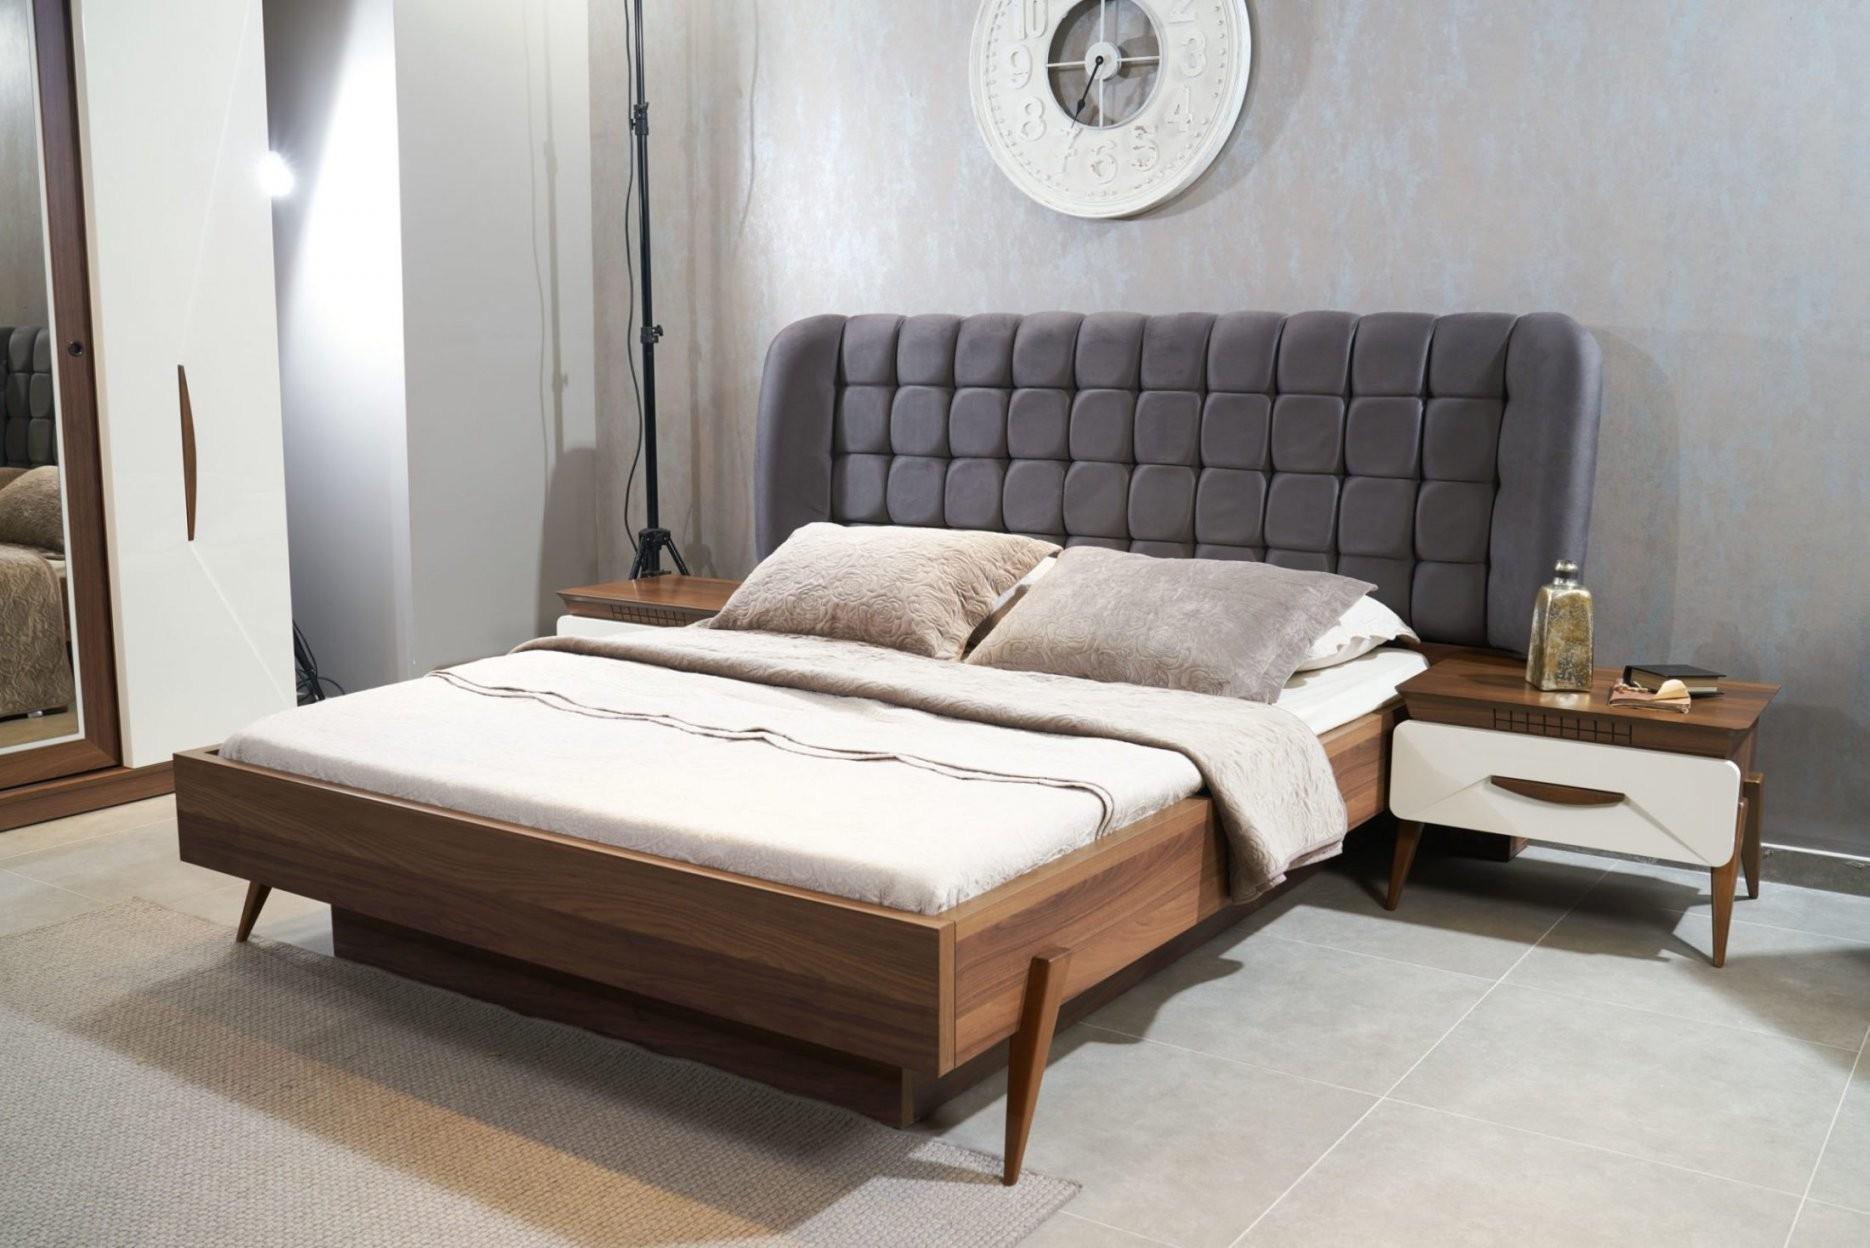 Grande Bett Mit Stauraum Und Kopfteil 180X200 Cm  Möbel Harmonia von Bett Mit Stauraum 180X200 Photo